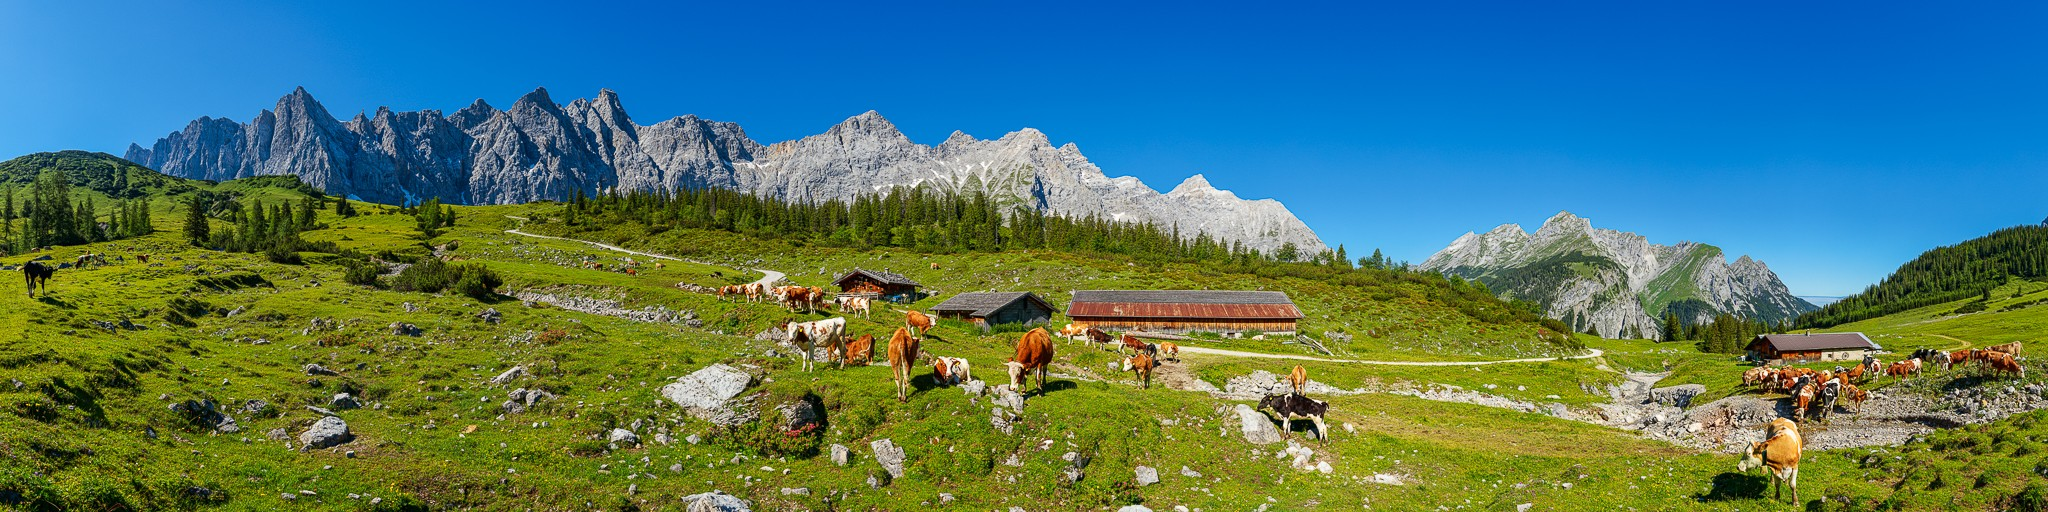 Almwiese im Karwendel - Ladizalm